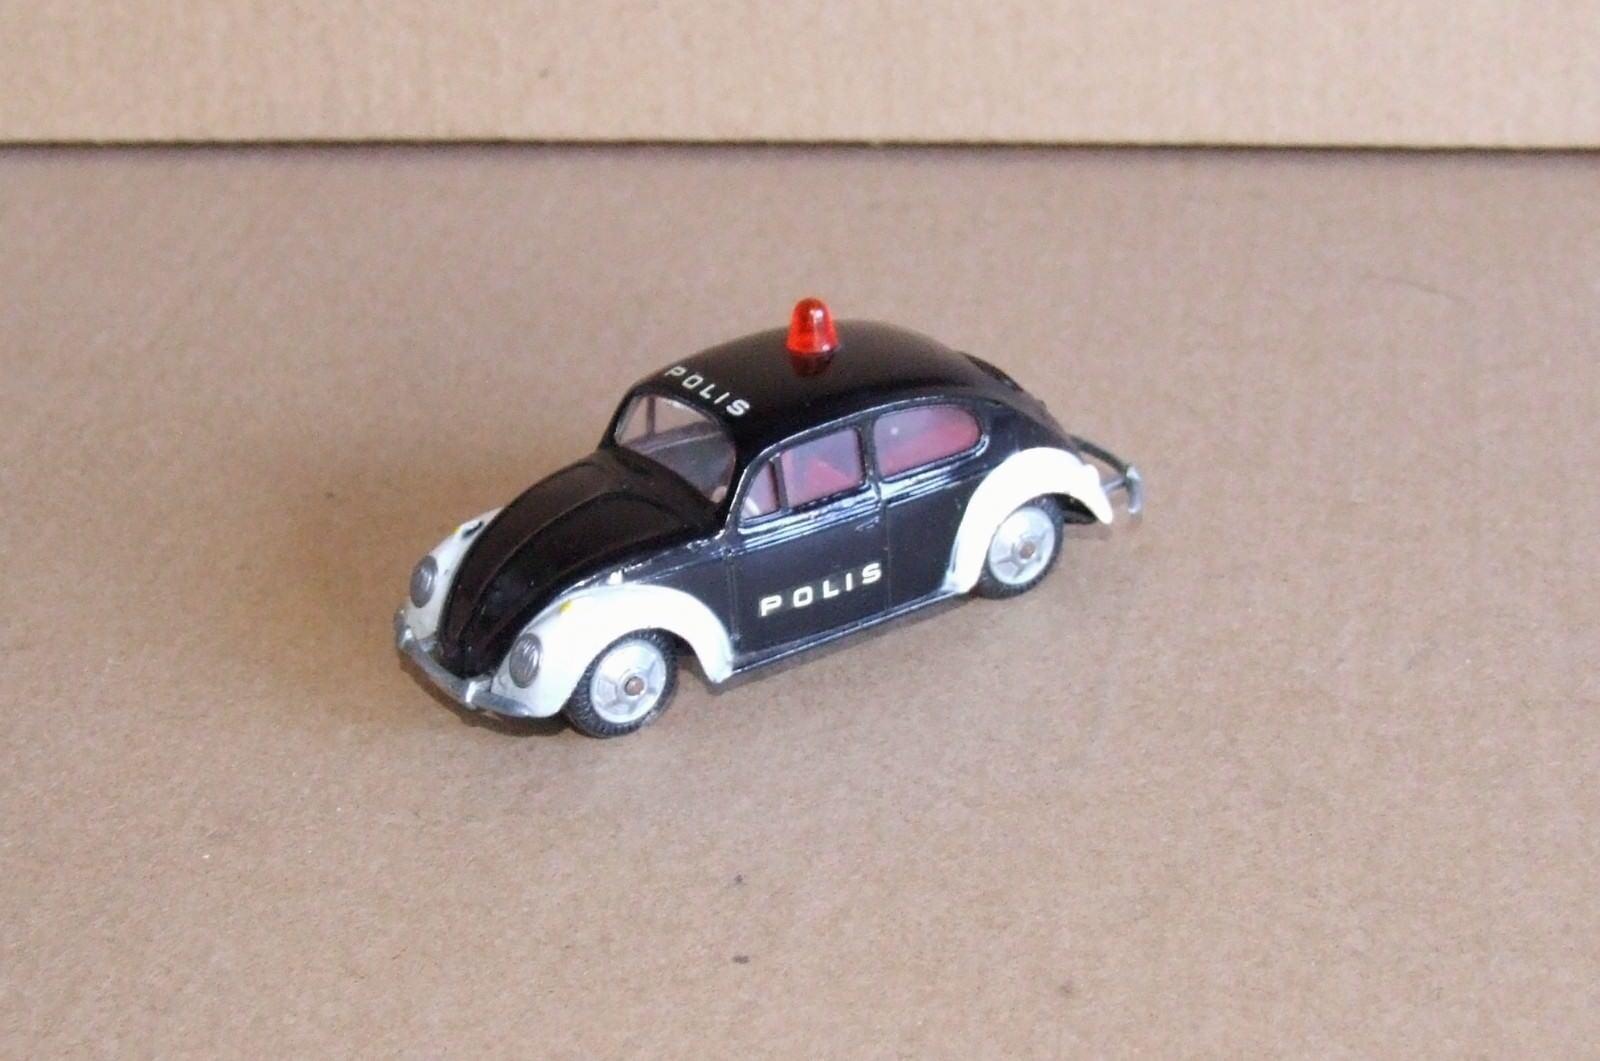 TEKNO 819 Volkswagen POLIS -  Beetle  VW